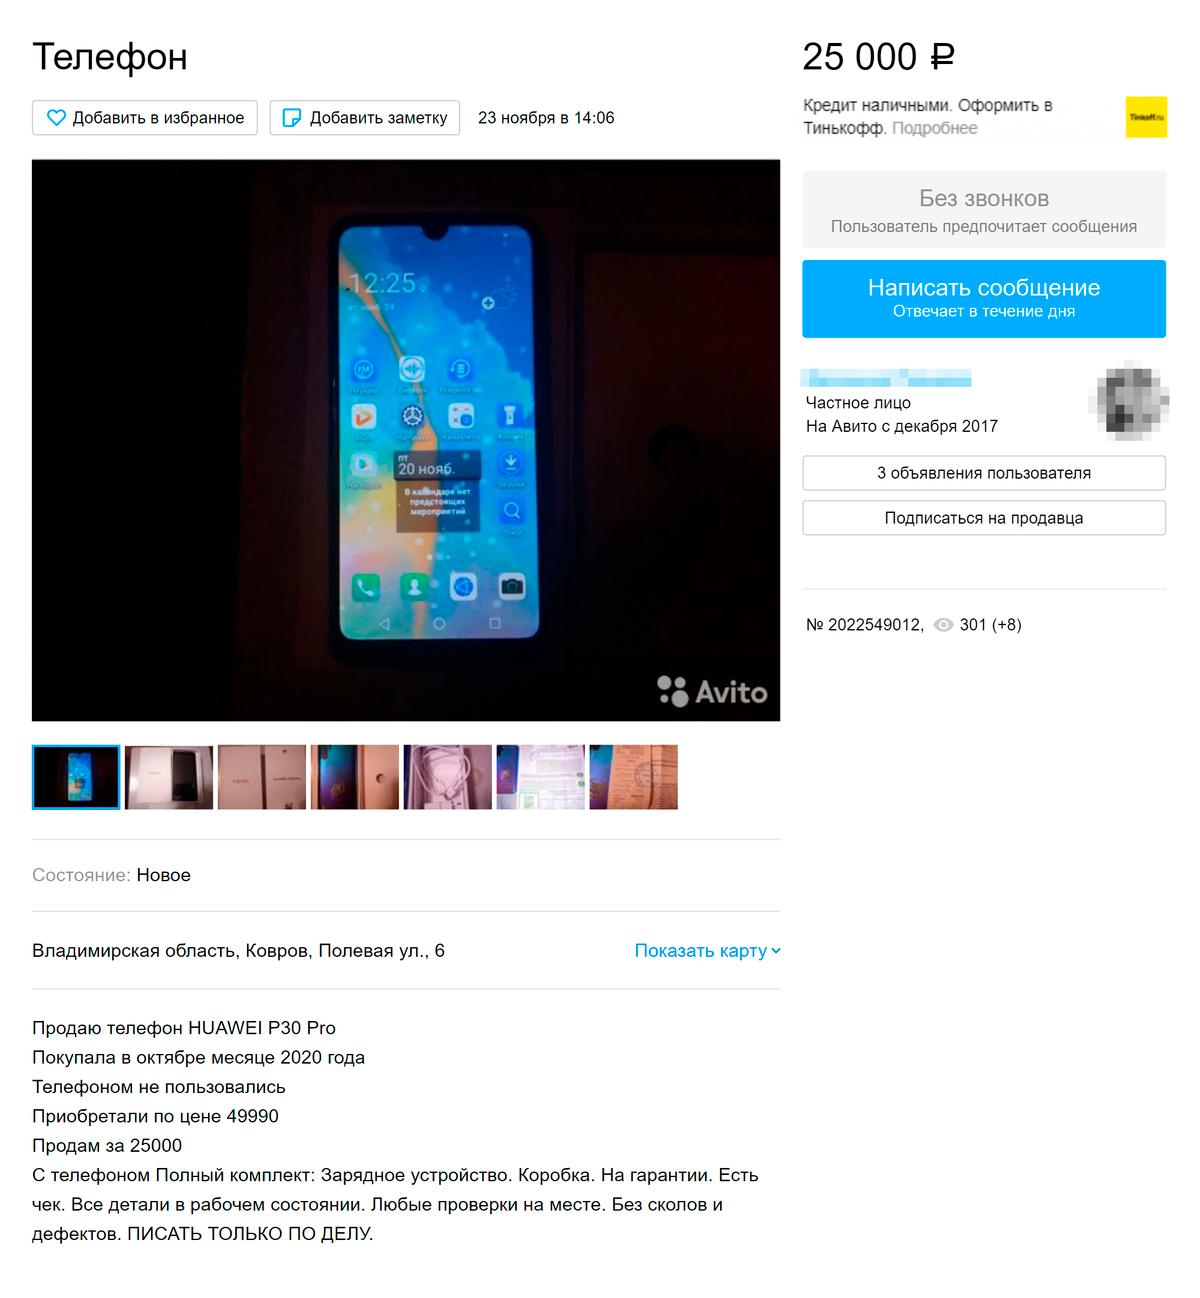 Еще одно объявление — и снова копия. К этому объявлению приложили похожий чек из «Мегафона», он тоже поддельный. Источник: avito.ru